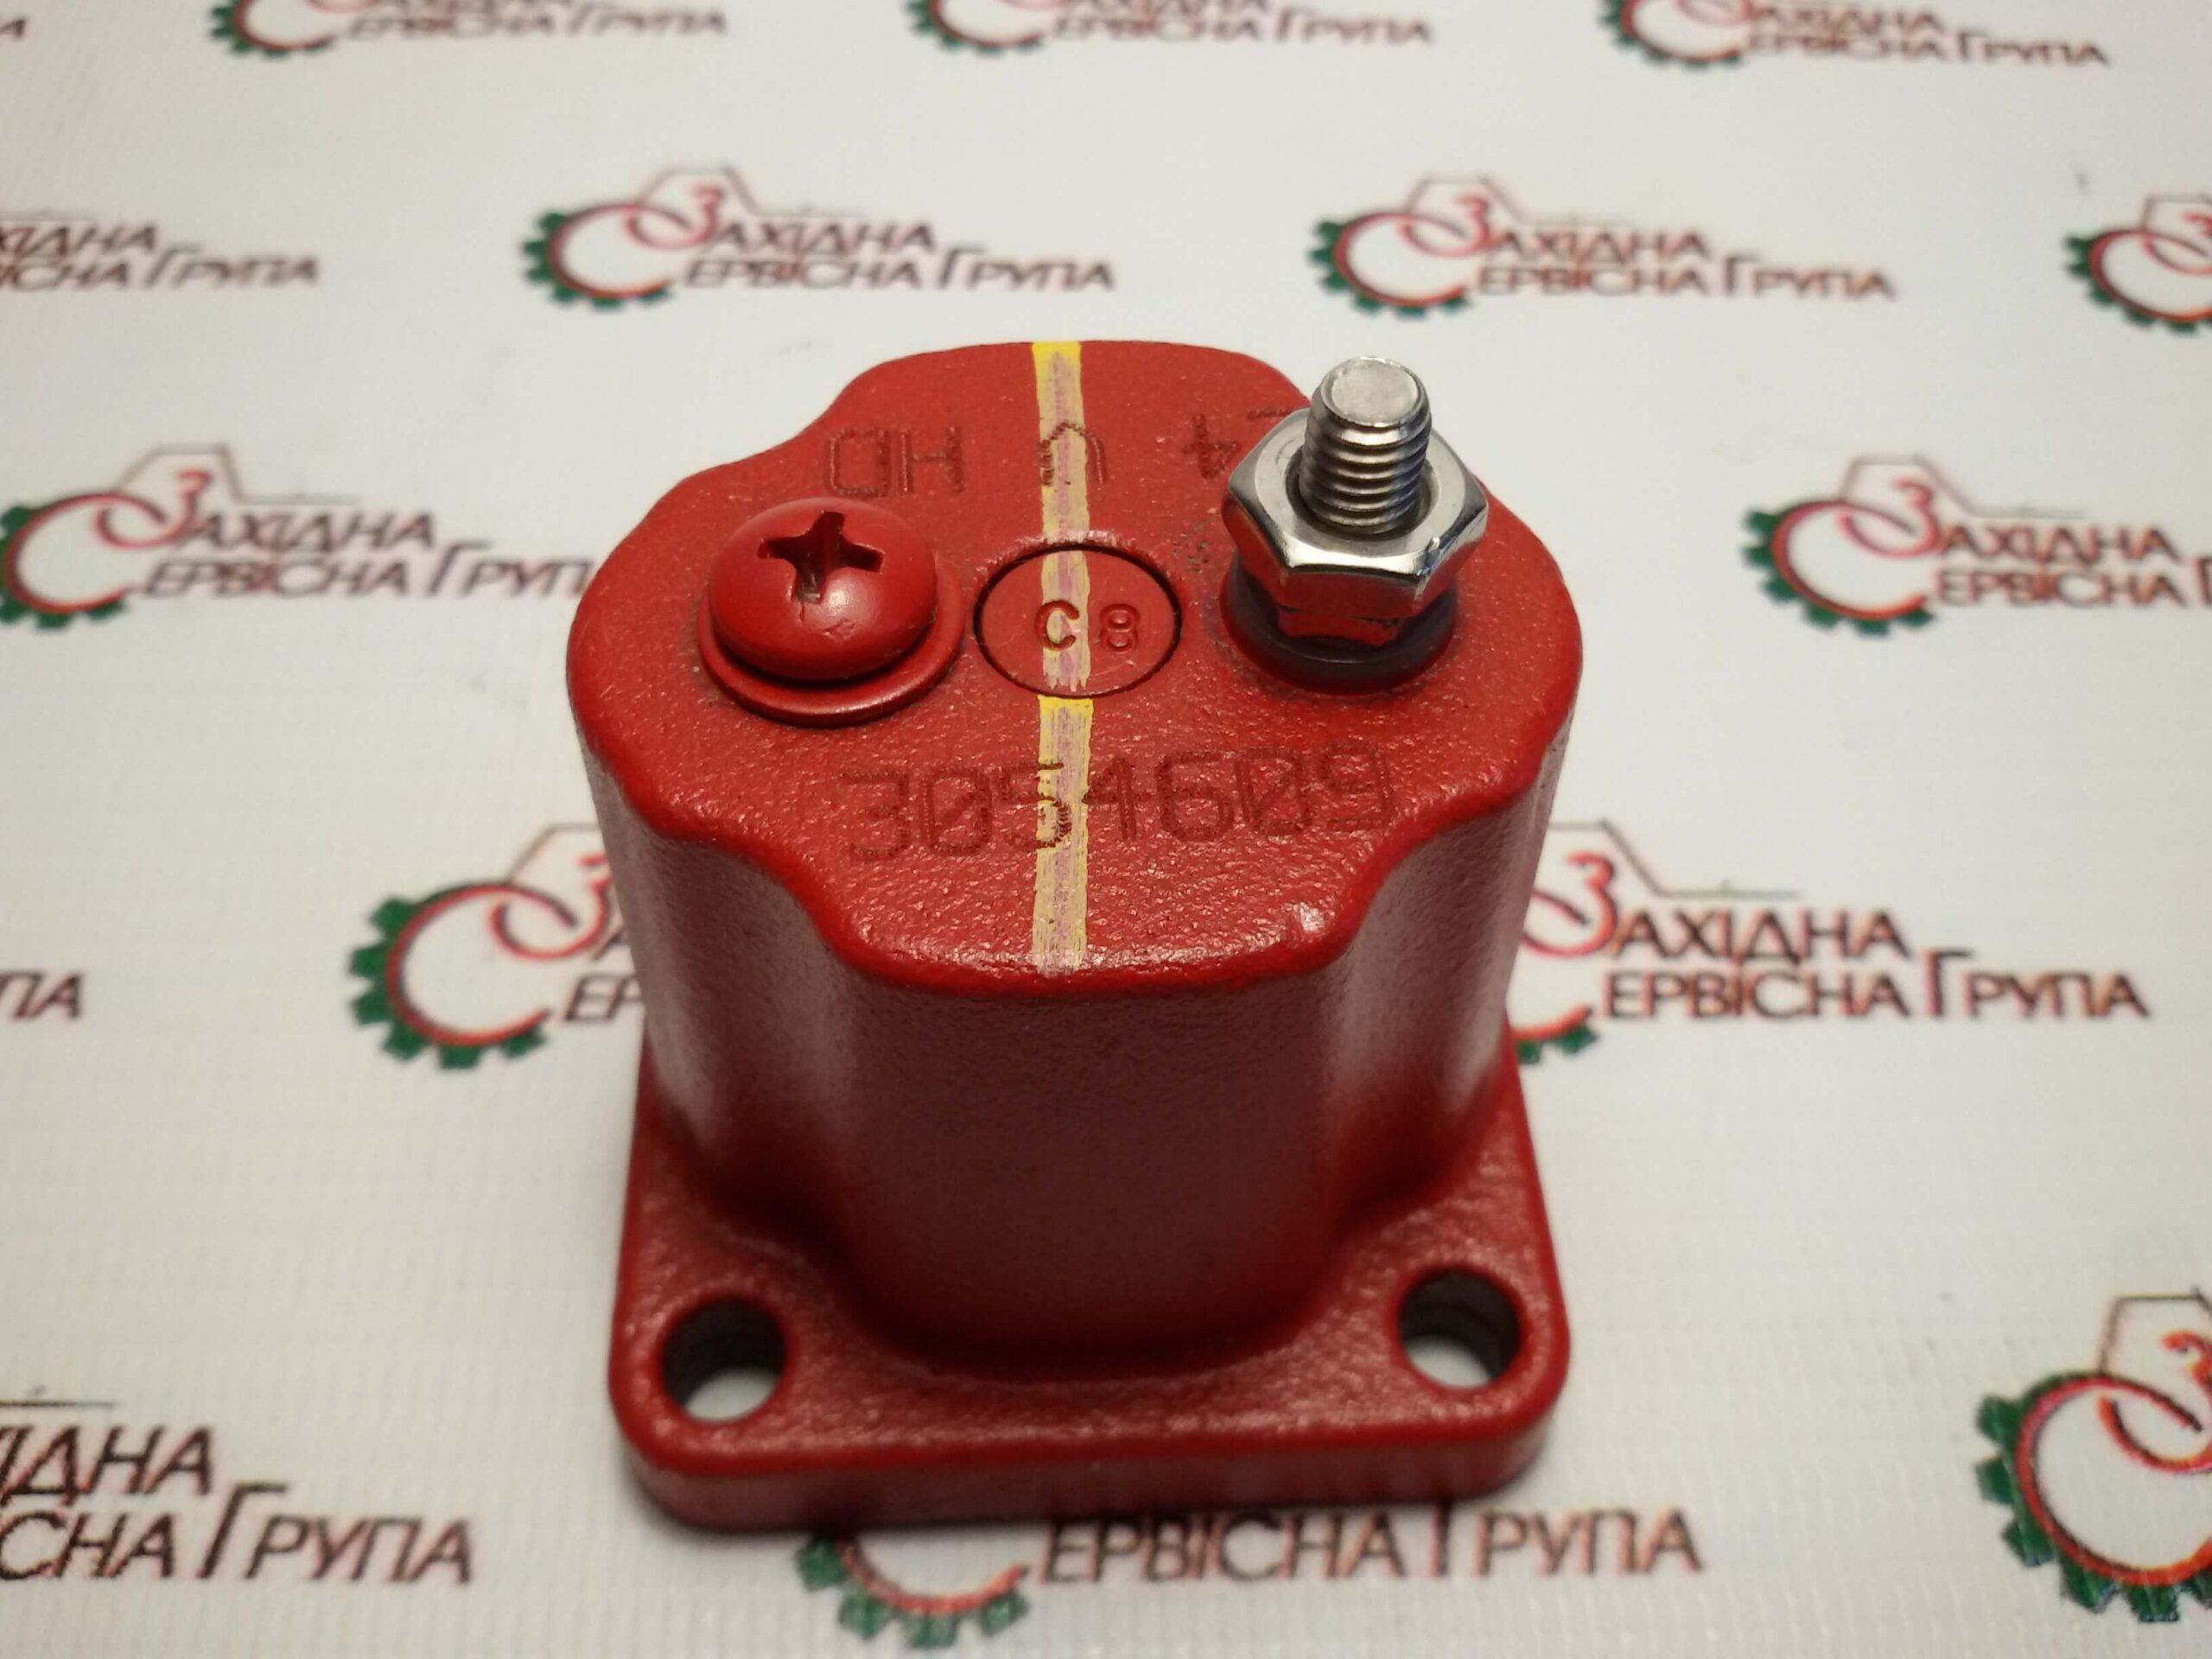 Клапан електромагнітний (соленоїд) 24V Cummins KTA19, M11, 4024809, 3054609, 196066, 4903250.